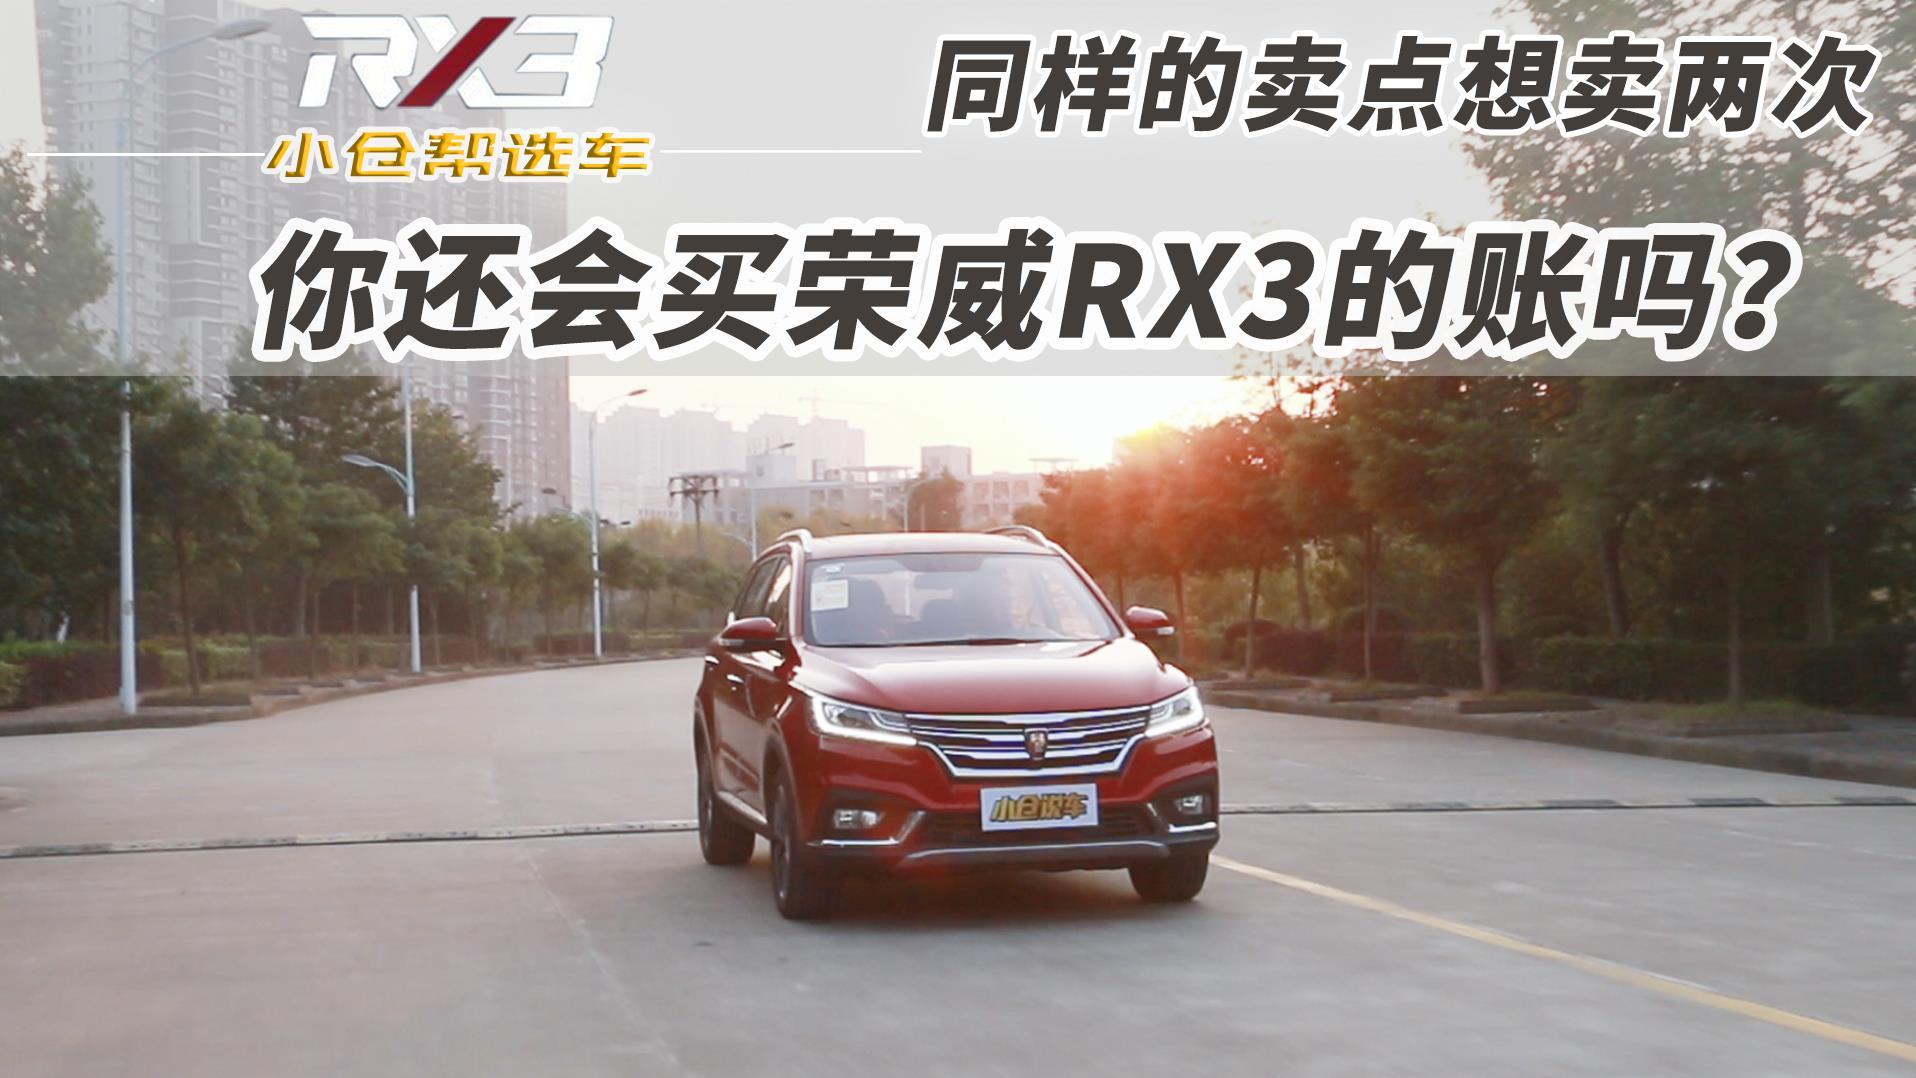 同样的卖点想卖两次,荣威RX3你还会买账吗?